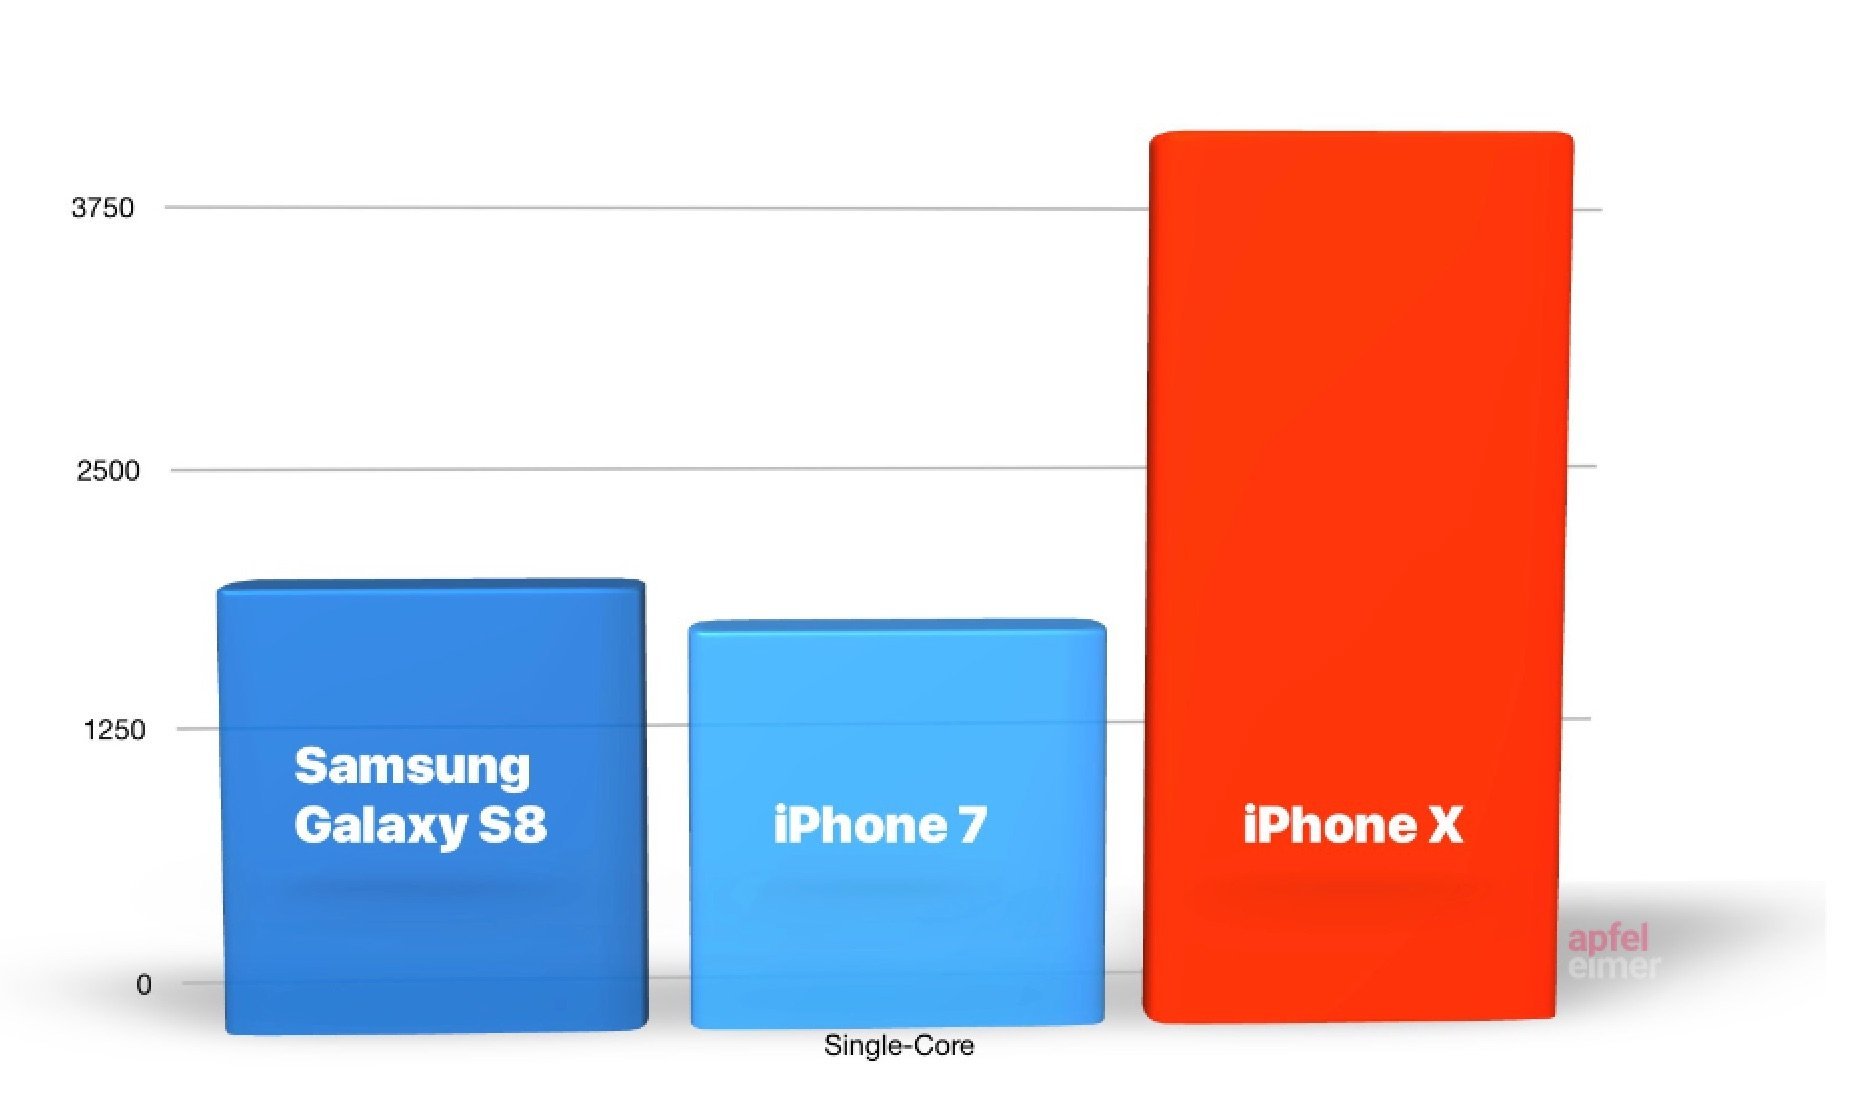 iPhone X schlägt jedes Android Handy, iPhone X so schnell wie MacBook Pro 2017 1